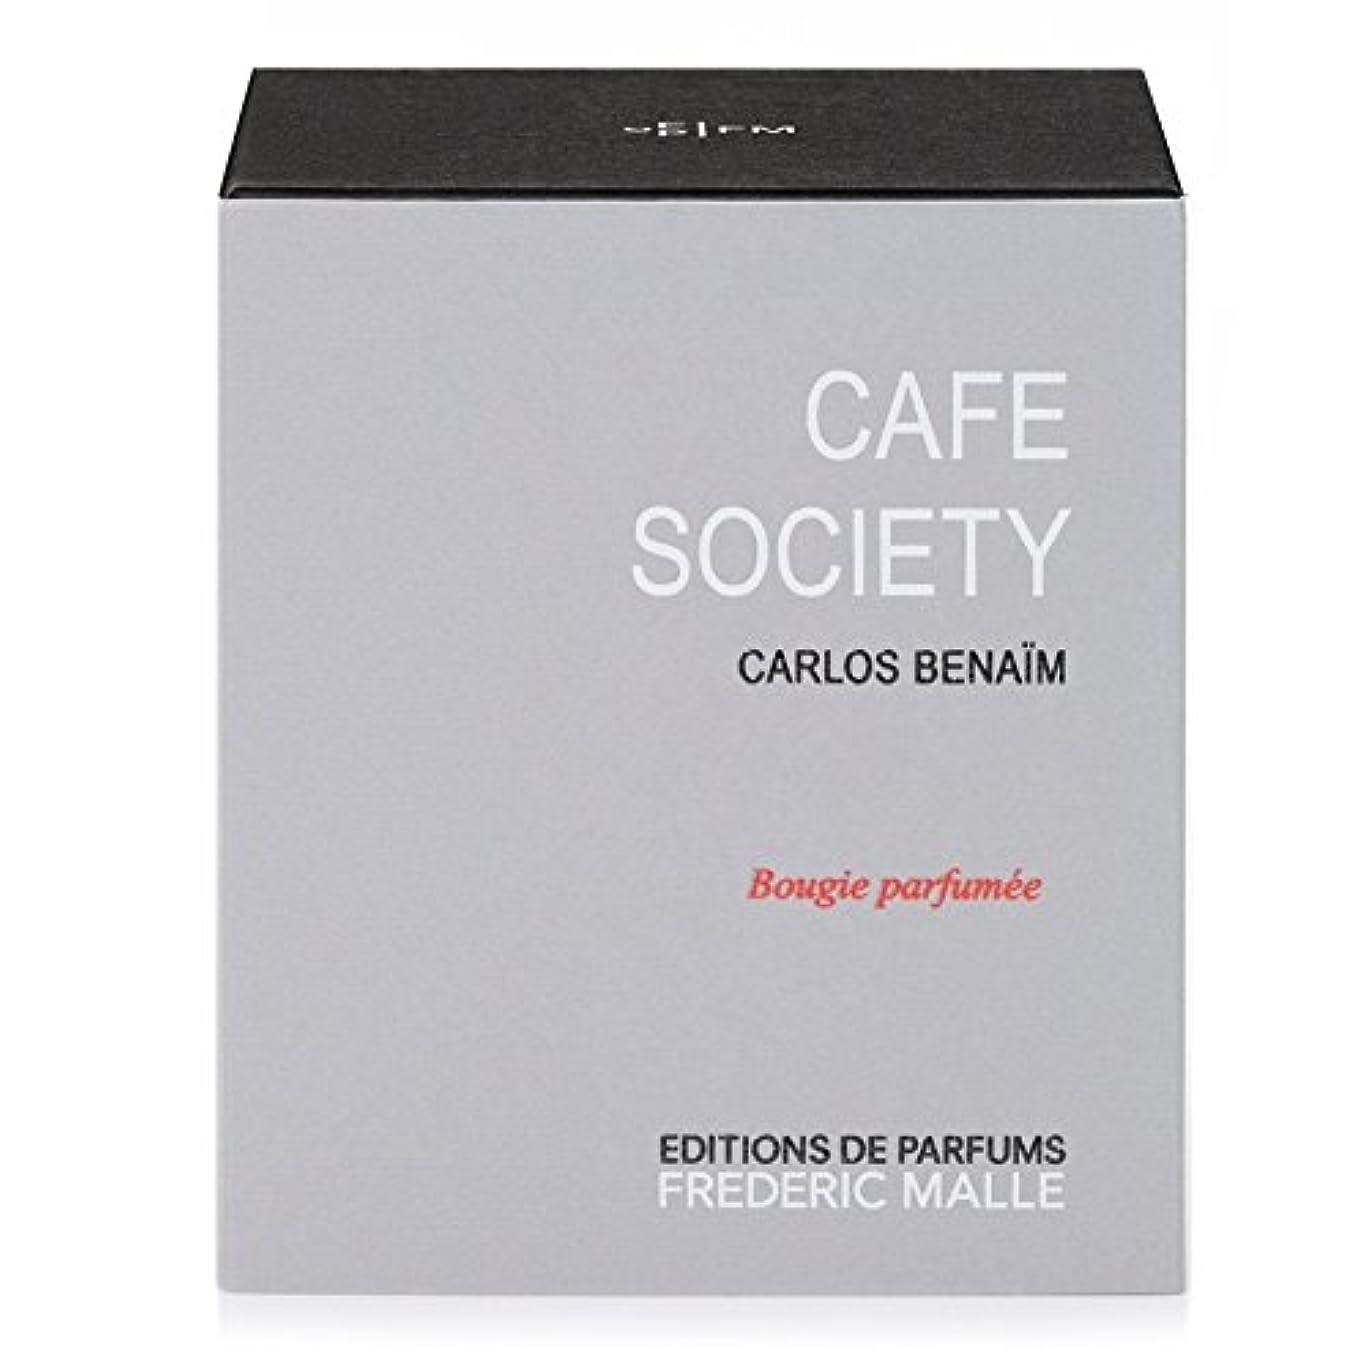 デコラティブ開発勉強するフレデリック?マルカフェ社会の香りのキャンドル220グラム x6 - Frederic Malle Cafe Society Scented Candle 220g (Pack of 6) [並行輸入品]